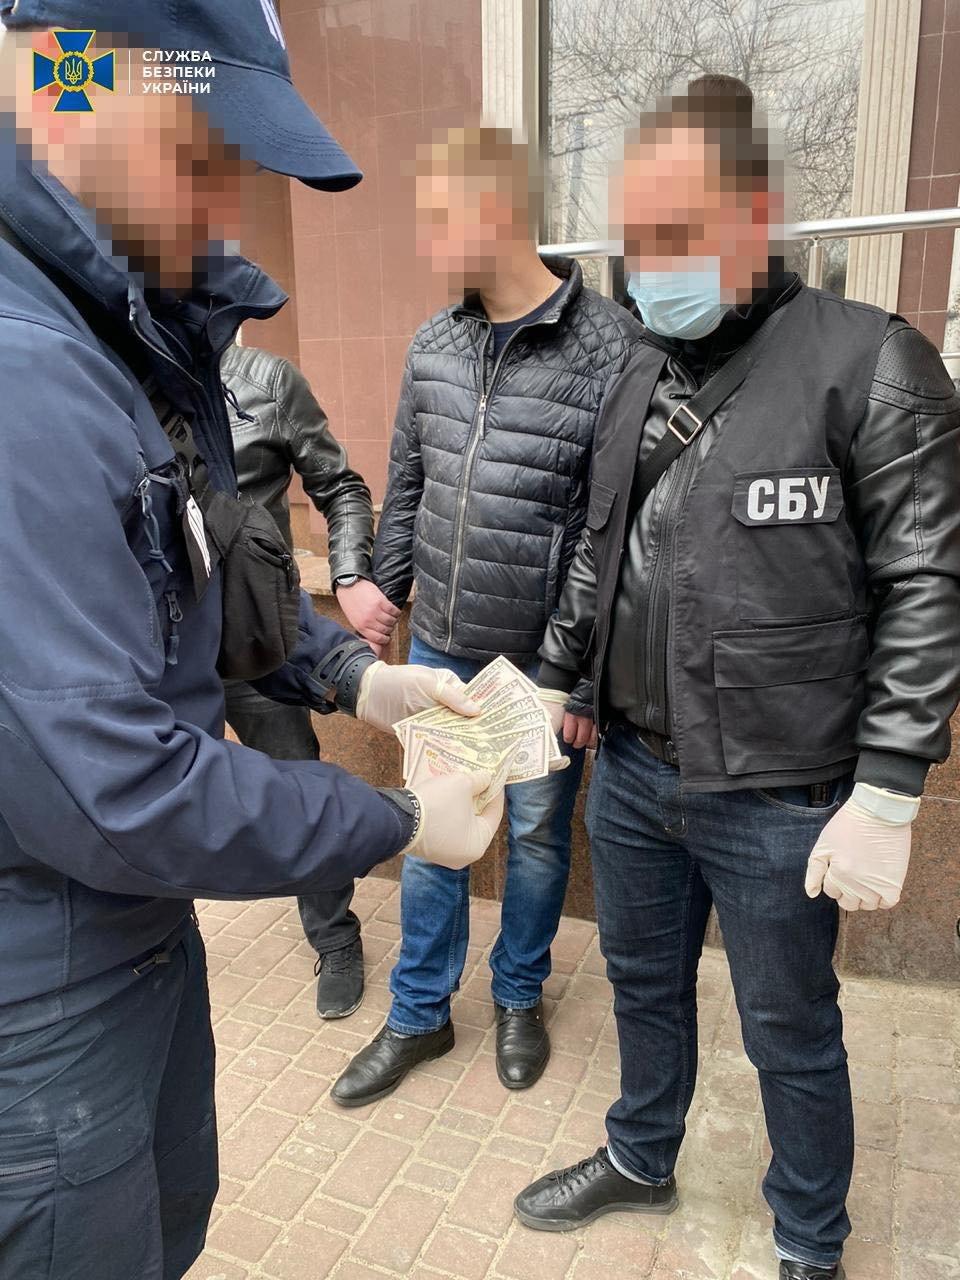 В Одессе сотрудник фискальной службы регулярно получал взятки от бизнесменов, - ФОТО, фото-1